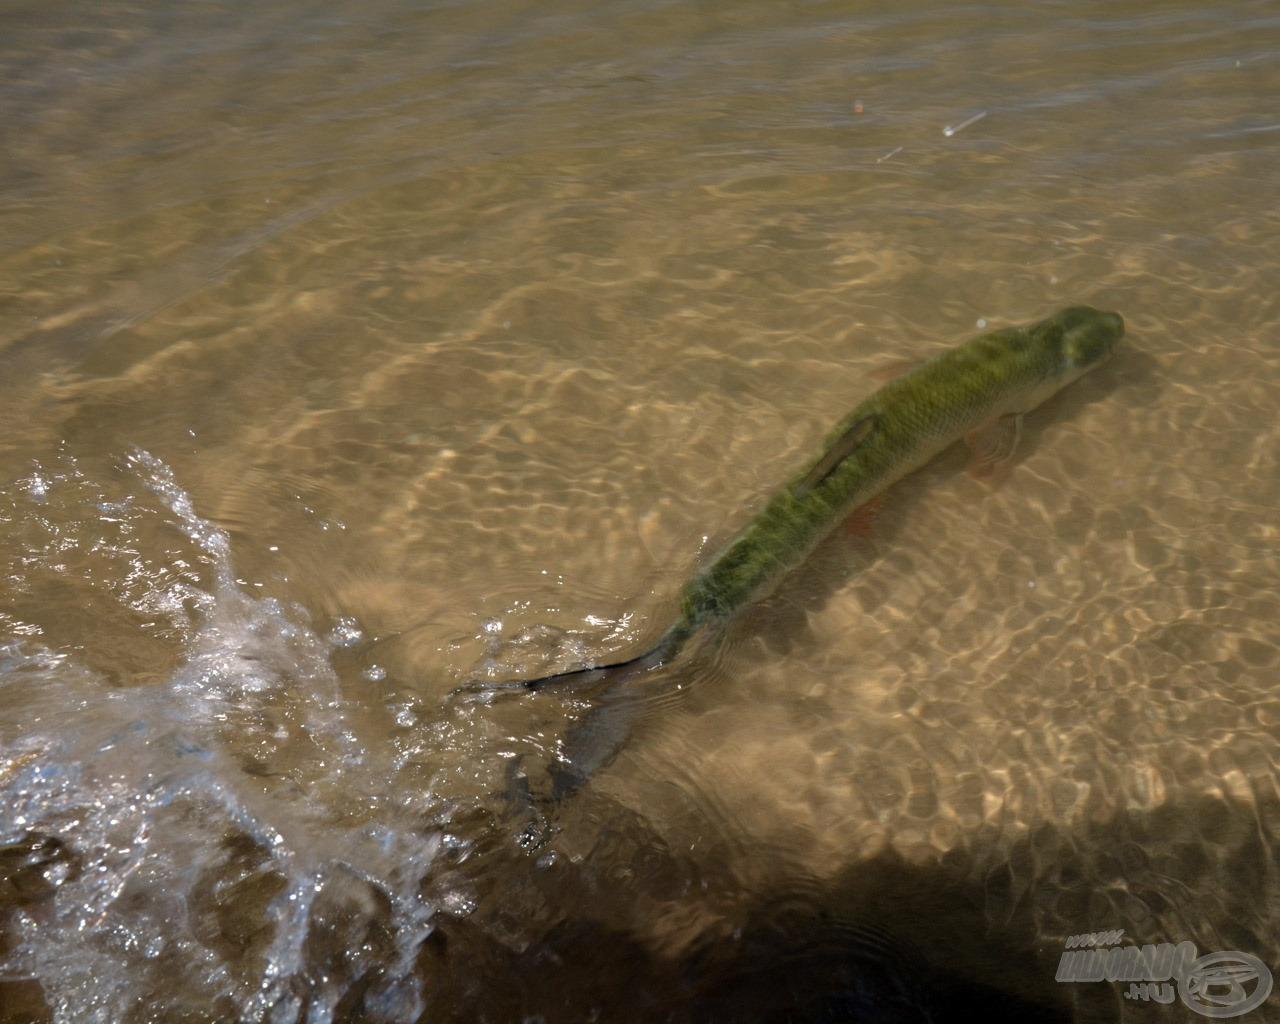 Természetesen valamennyi balin amilyen gyorsan jött, olyan gyorsan száguldhatott is vissza a vízbe kergetni tovább a sneciket